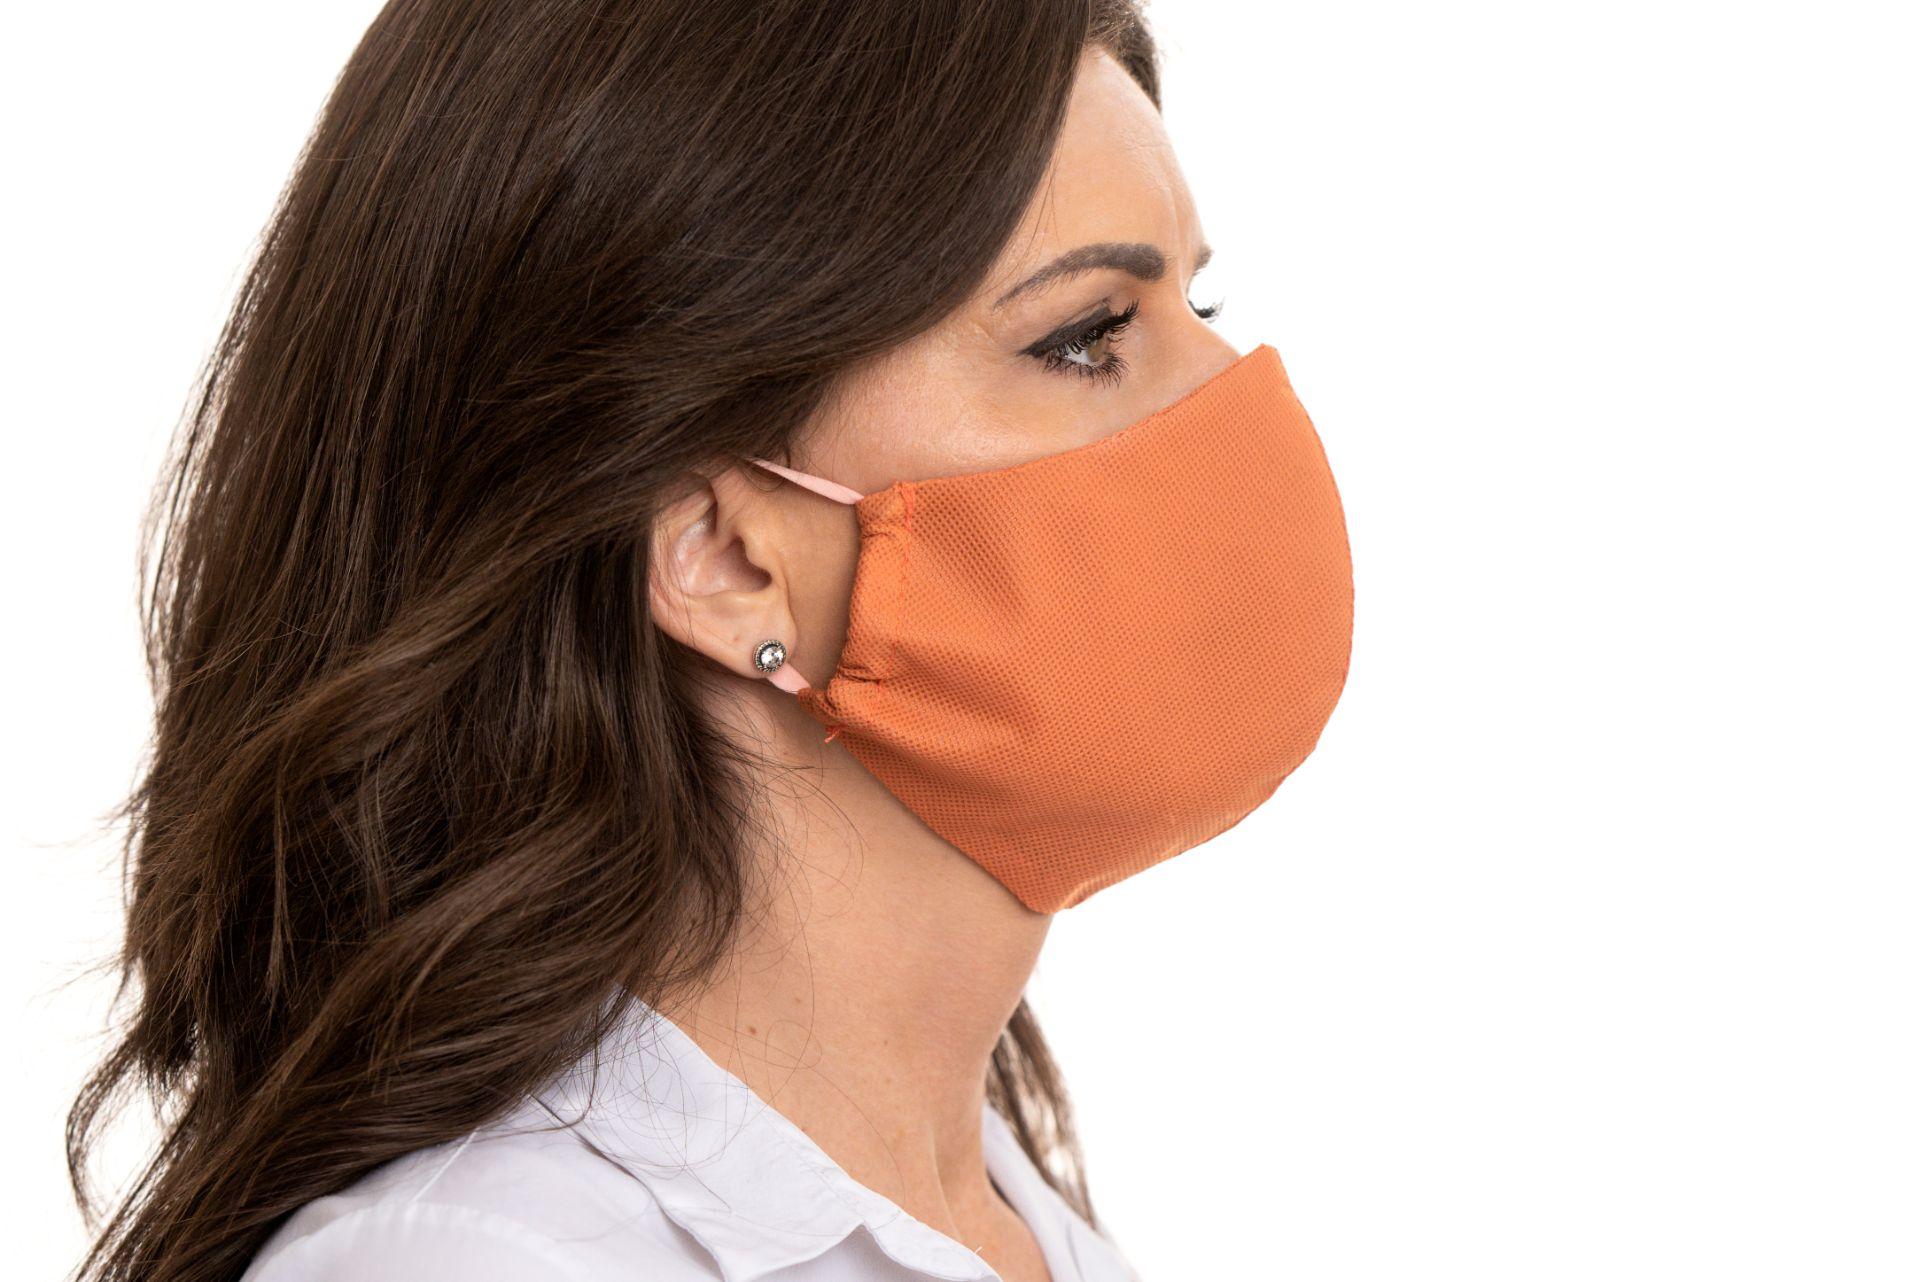 Rúška na tvár – Oranžová (5 kusové balenie)  OCHRANNÉ RUŠKA